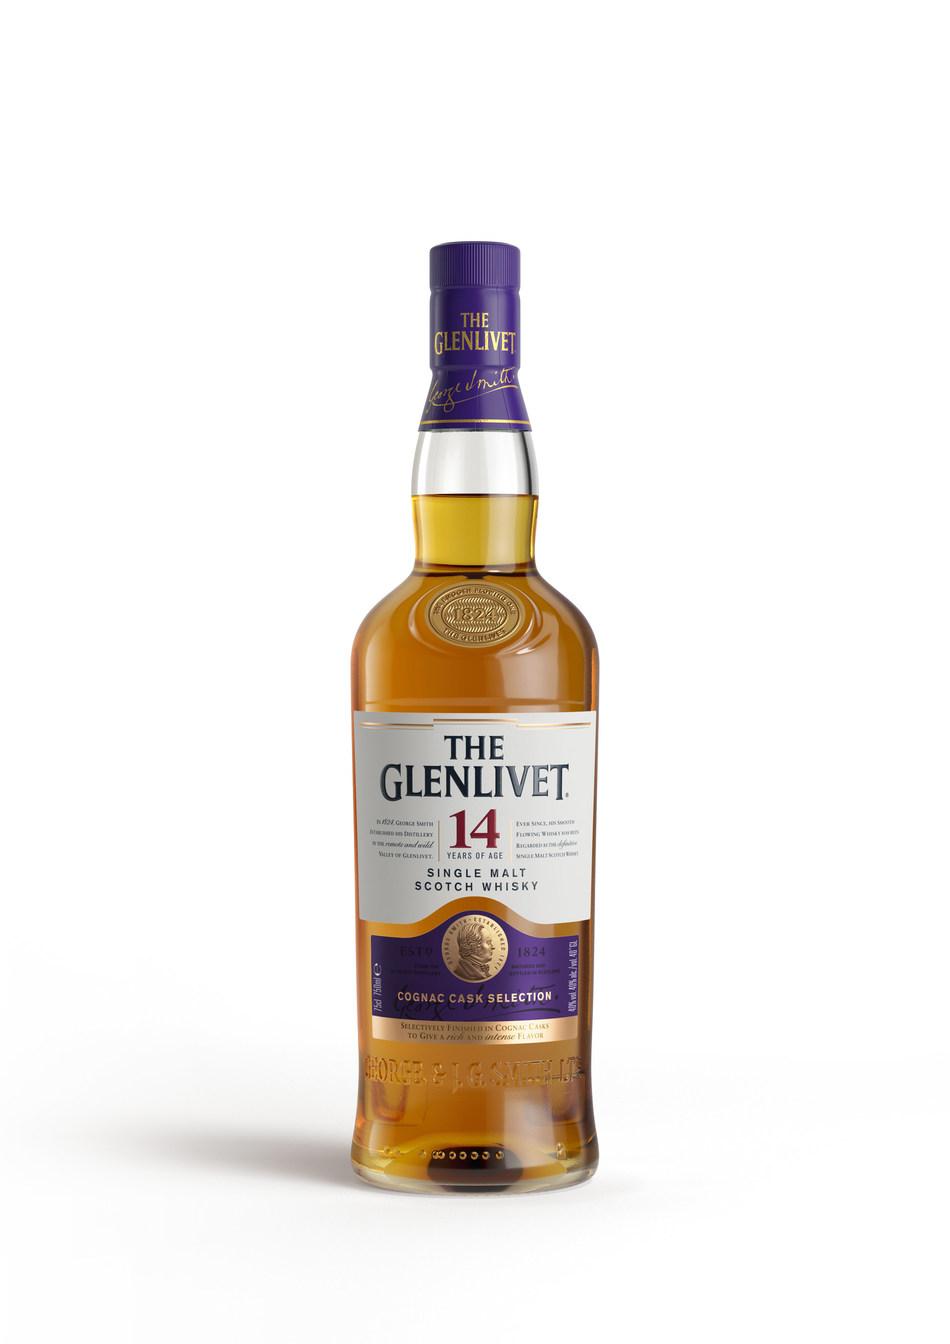 The Glenlivet 14 Year Old Bottle